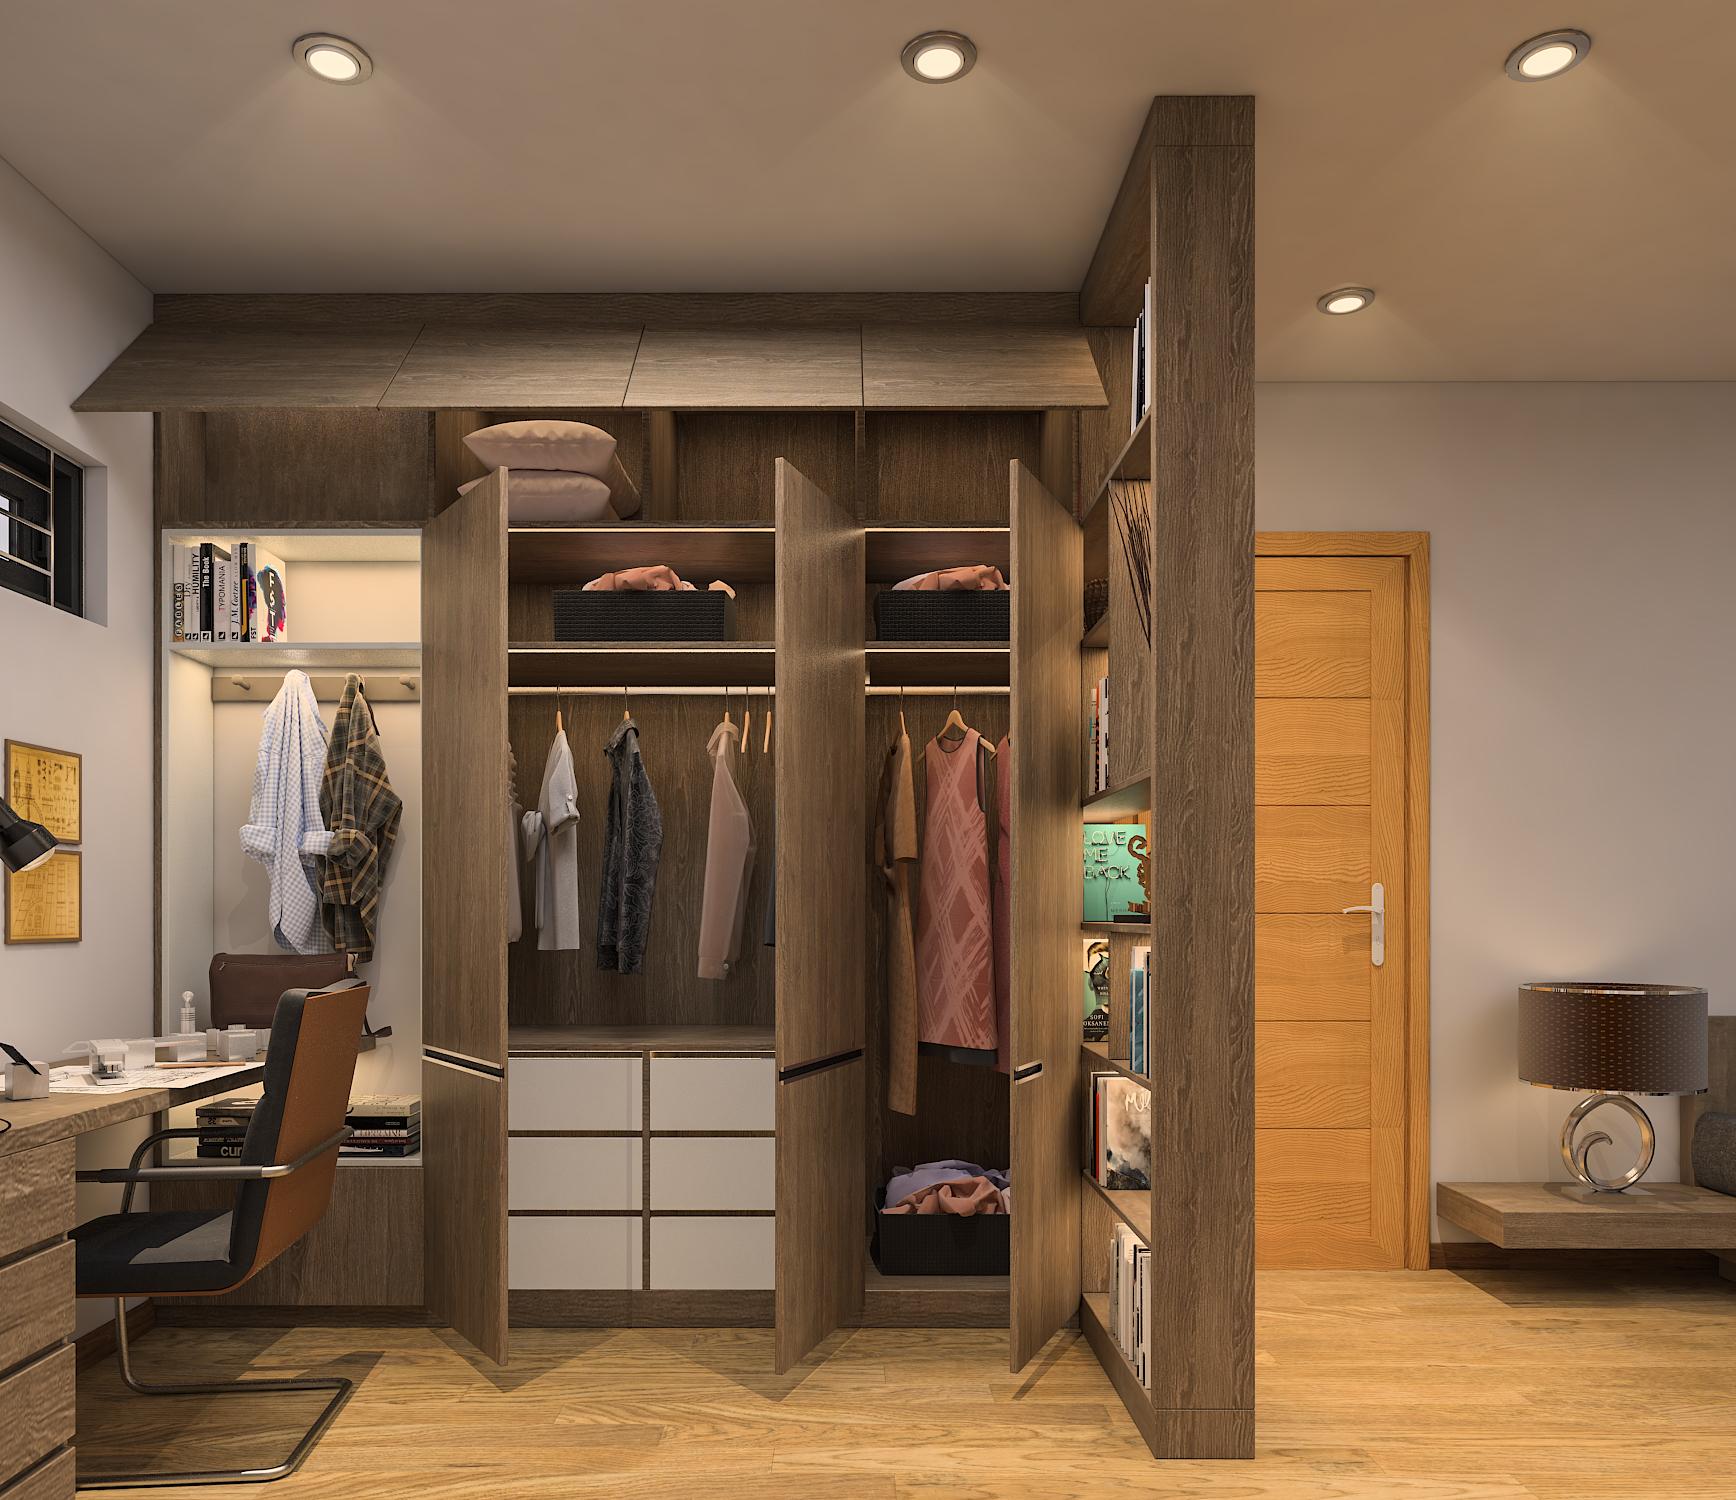 thiết kế nội thất chung cư tại Hà Nội Nội thất golden west 0 1533866917